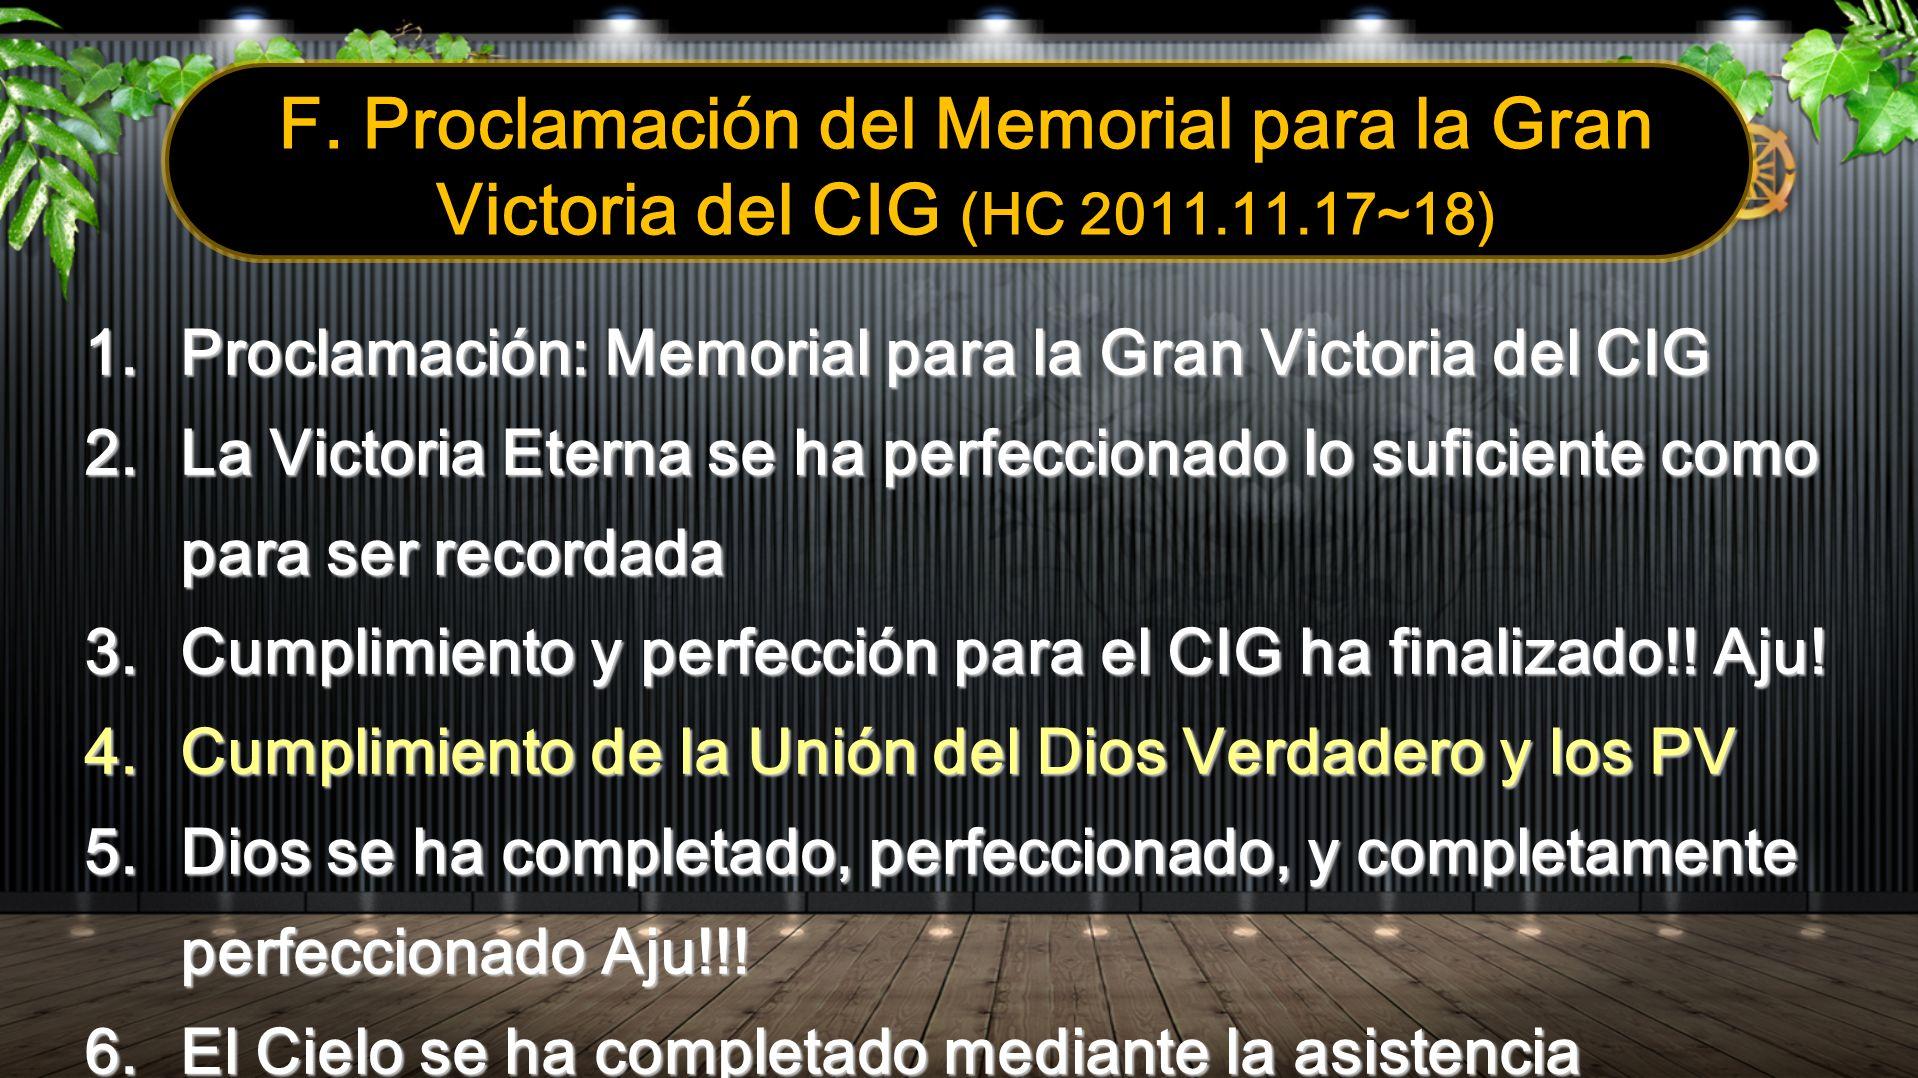 F. Proclamación del Memorial para la Gran Victoria del CIG (HC 2011.11.17~18) 1. Proclamación: Memorial para la Gran Victoria del CIG 2. La Victoria E